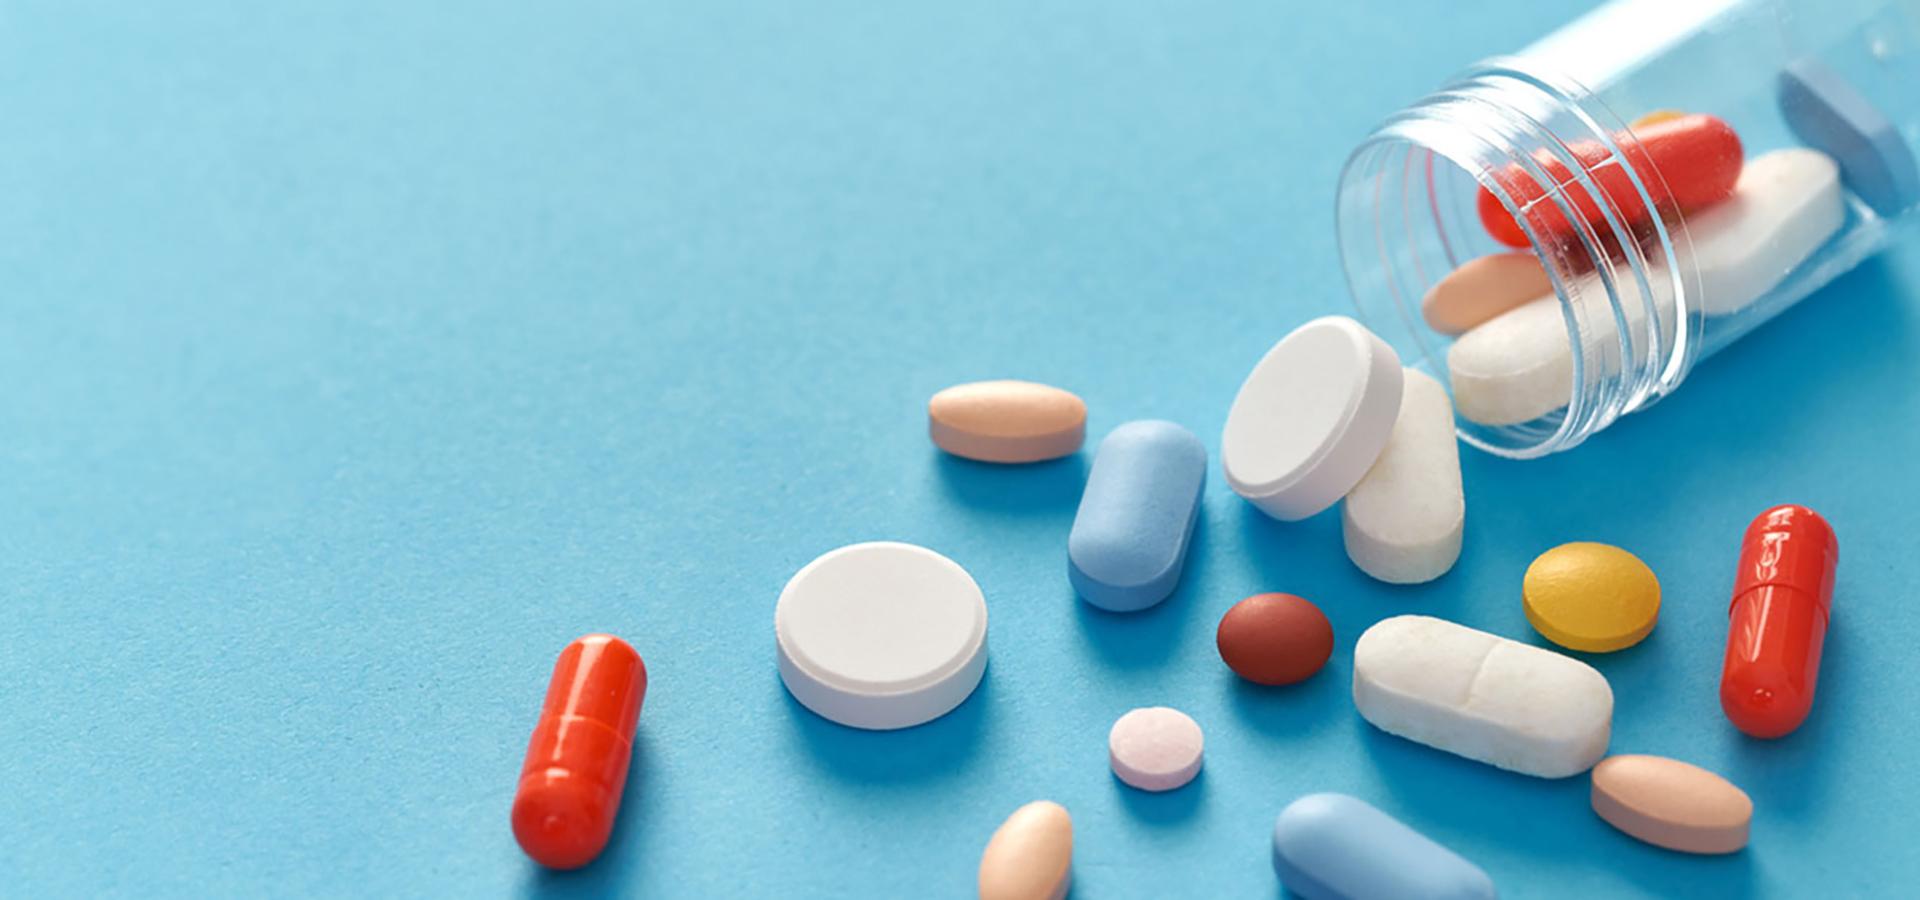 pGyógyszer fejlesztés, gyógyszer biztonság-drug-magánklinika-budapest-v-kerulet-1920x900